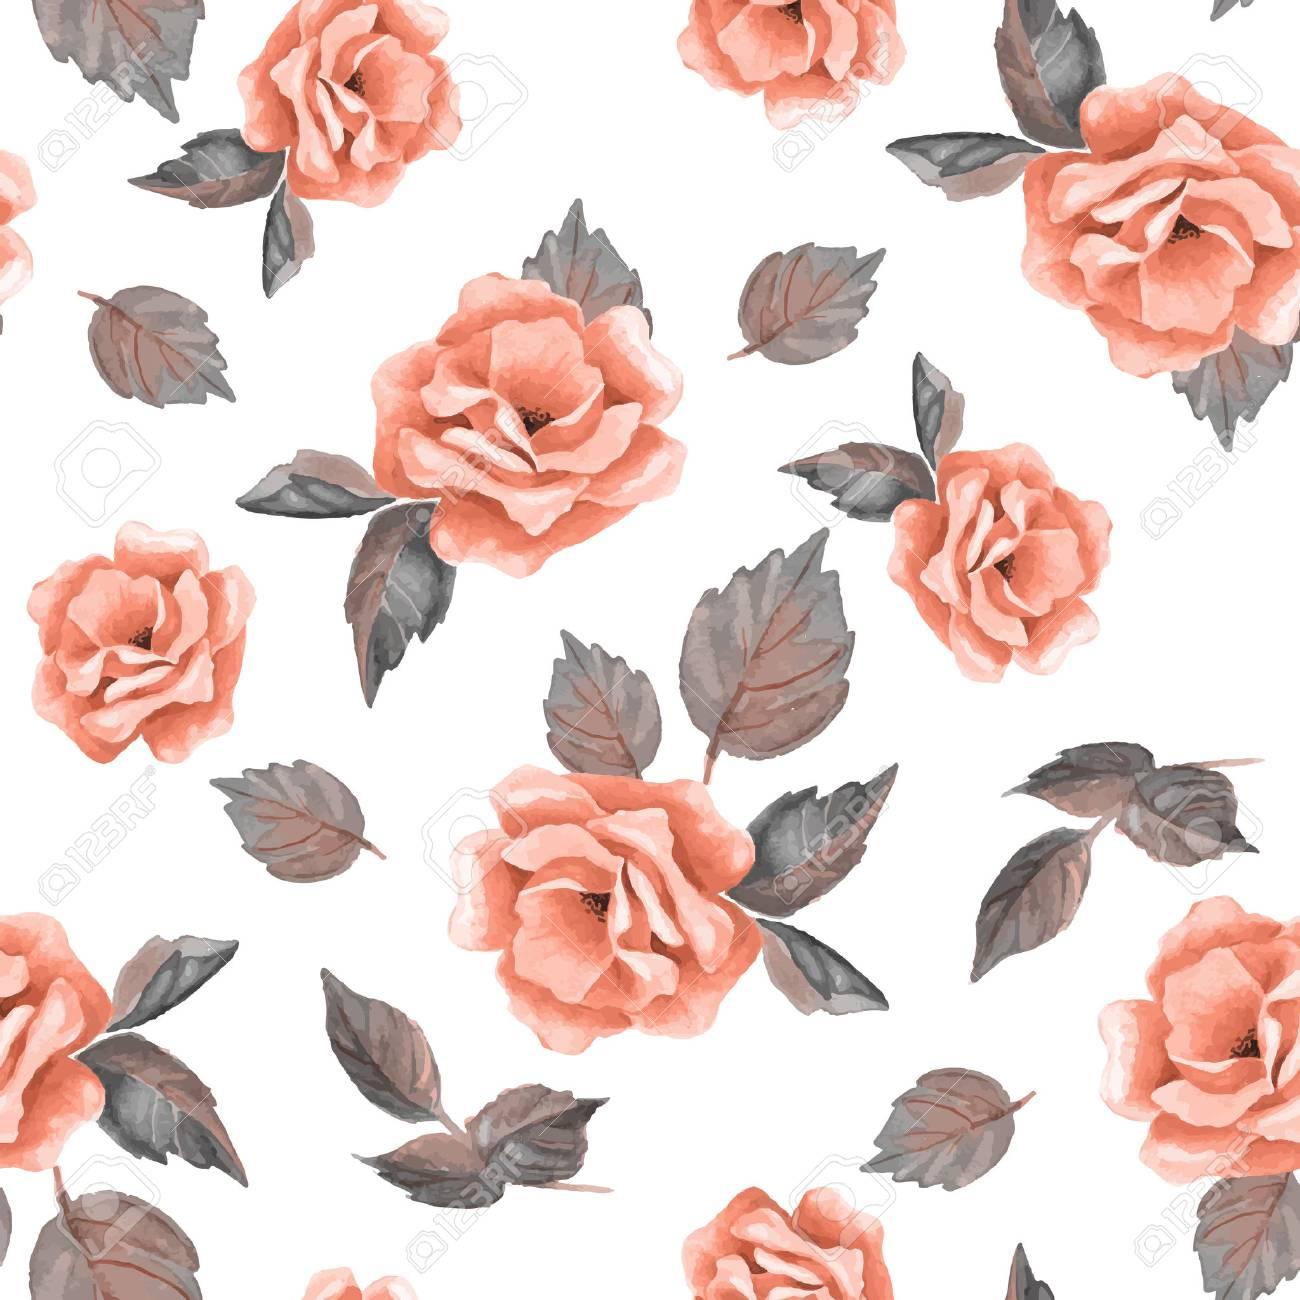 おしゃれ手描き花シームレス花柄 3ベクトルの背景 3のイラスト素材